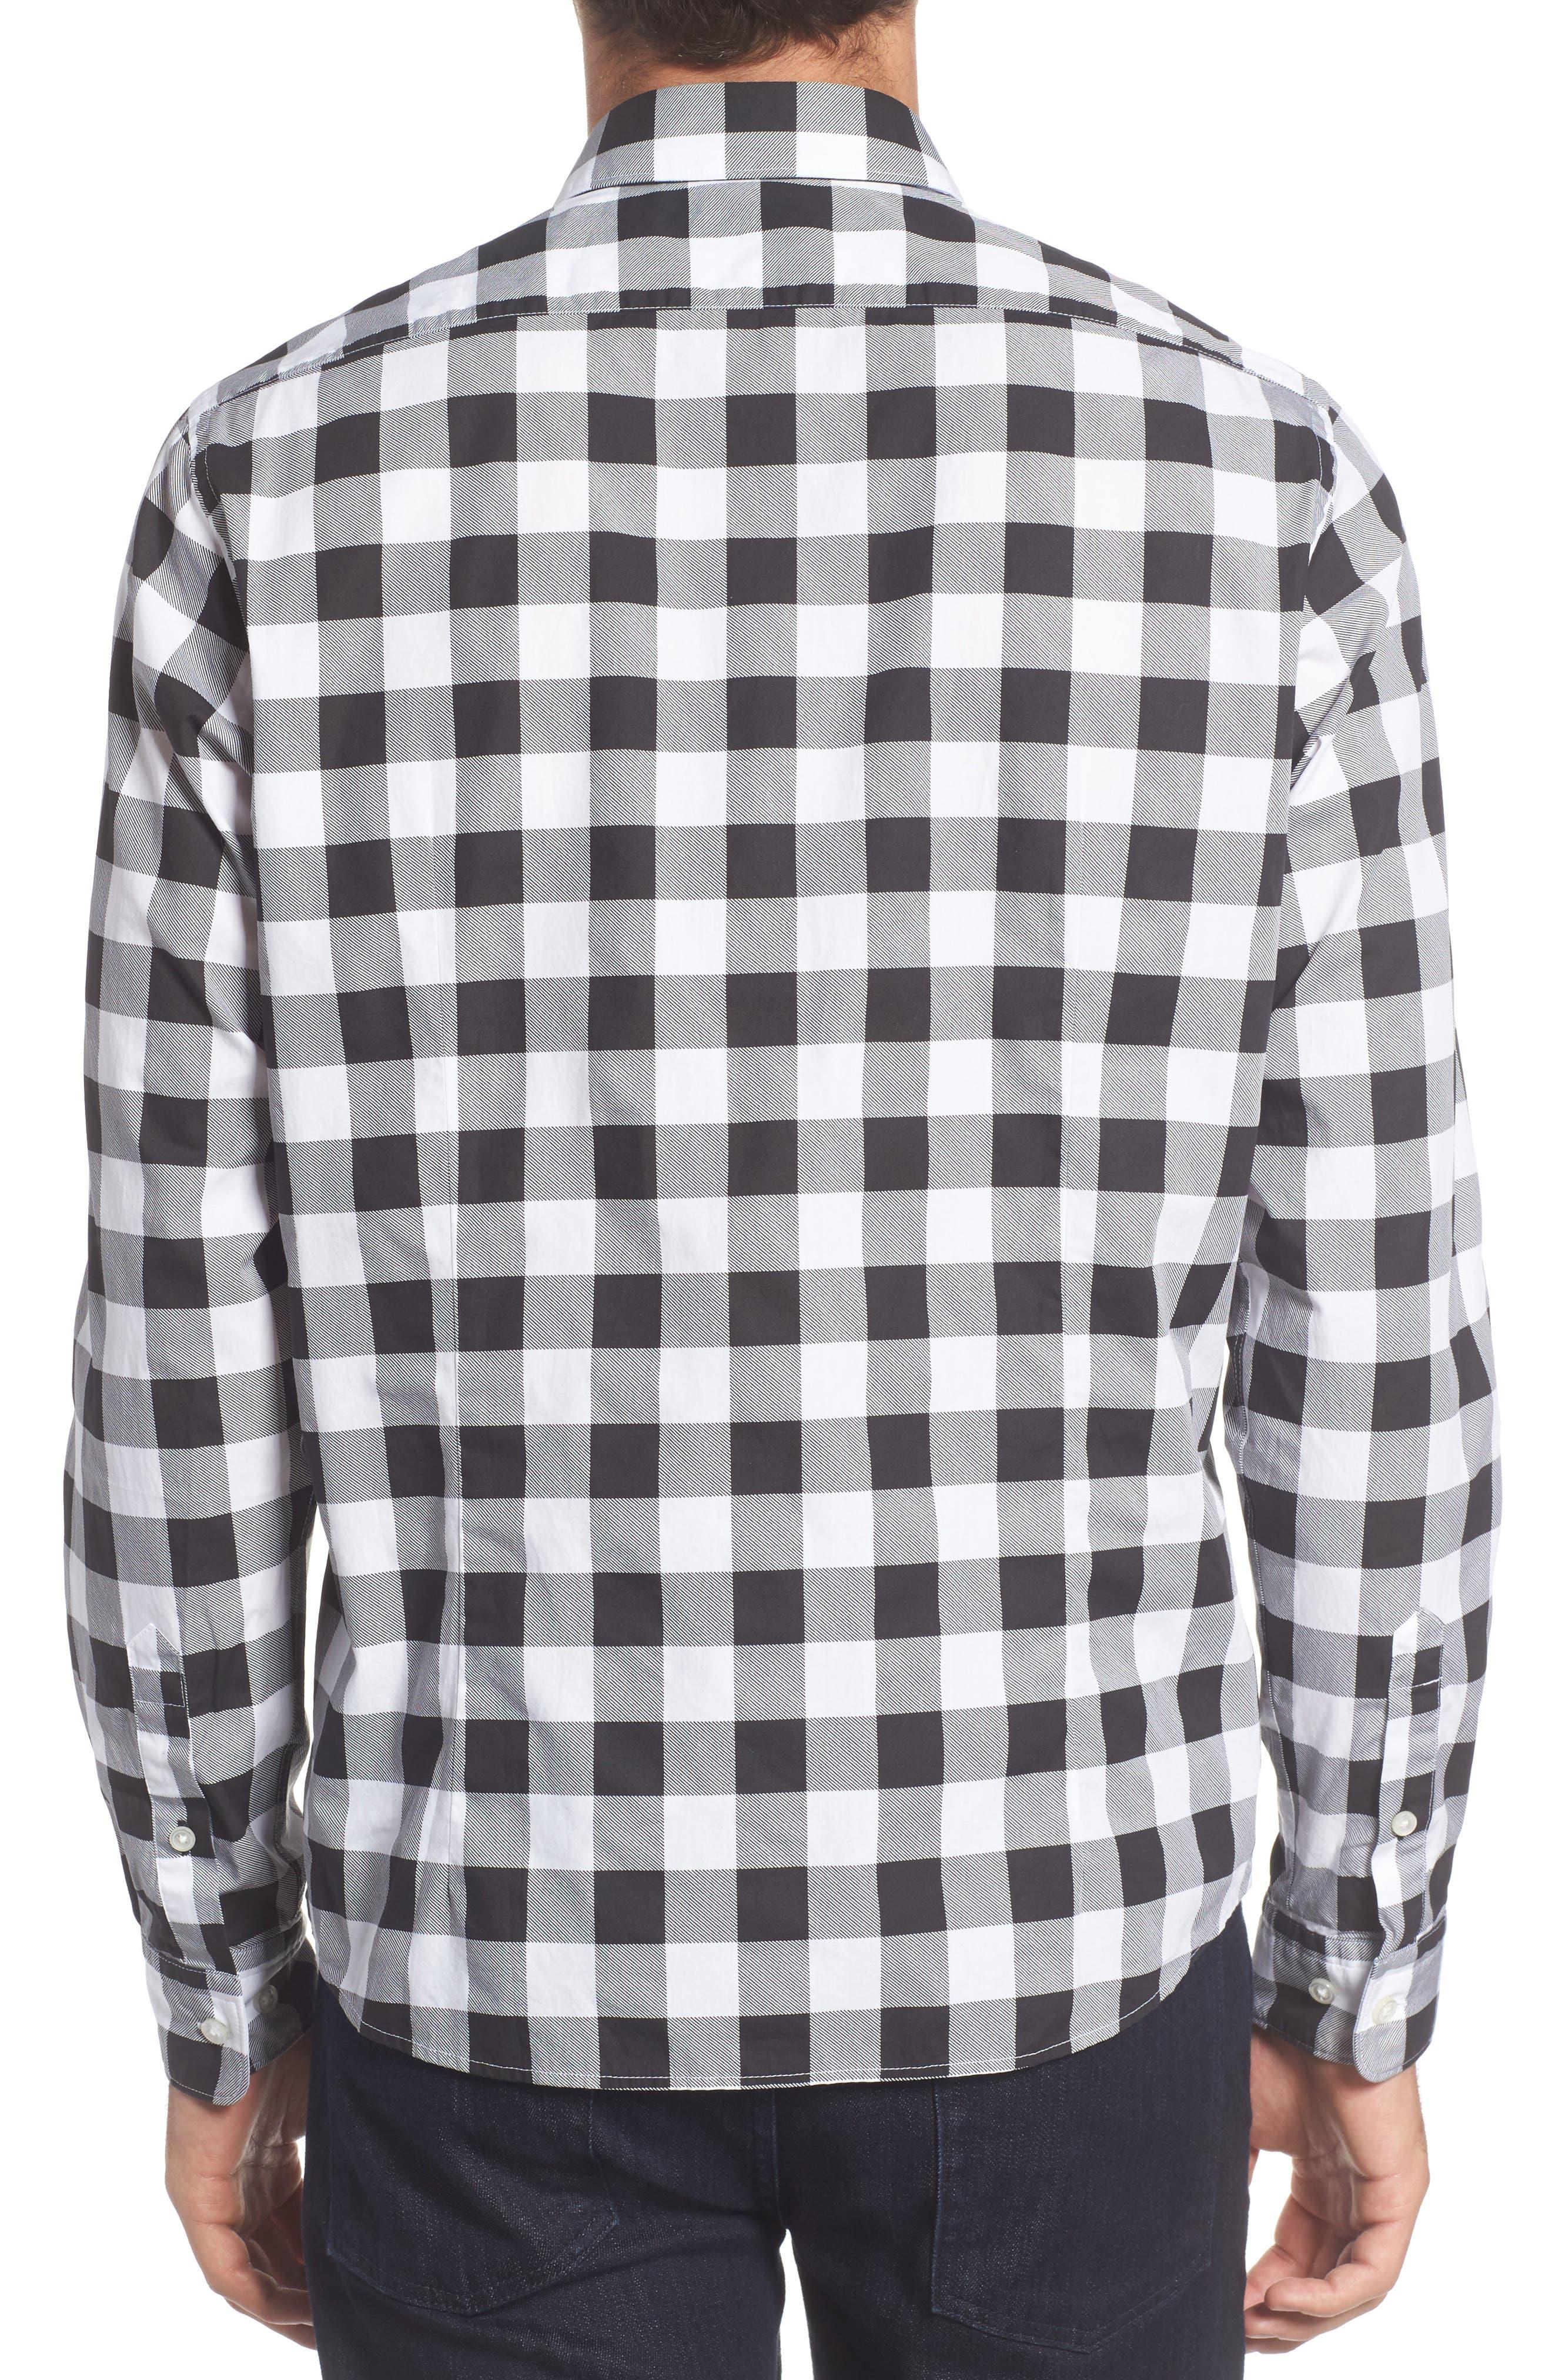 Lance Regular Fit Buffalo Plaid Sport Shirt,                             Alternate thumbnail 2, color,                             Black/ White